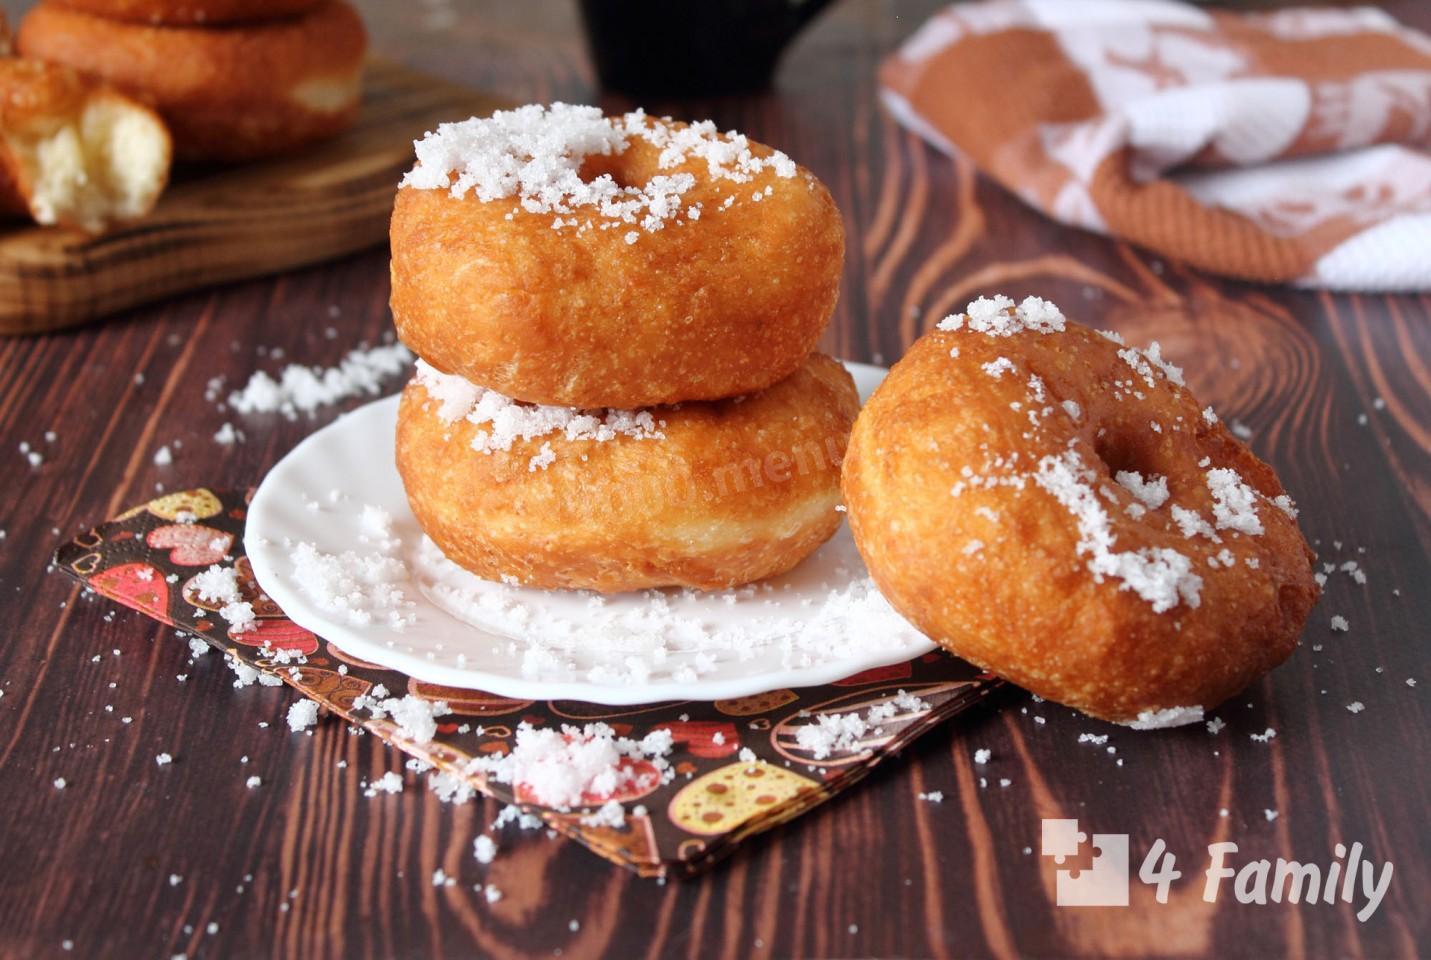 4family Как сделать пончики в домашних условиях